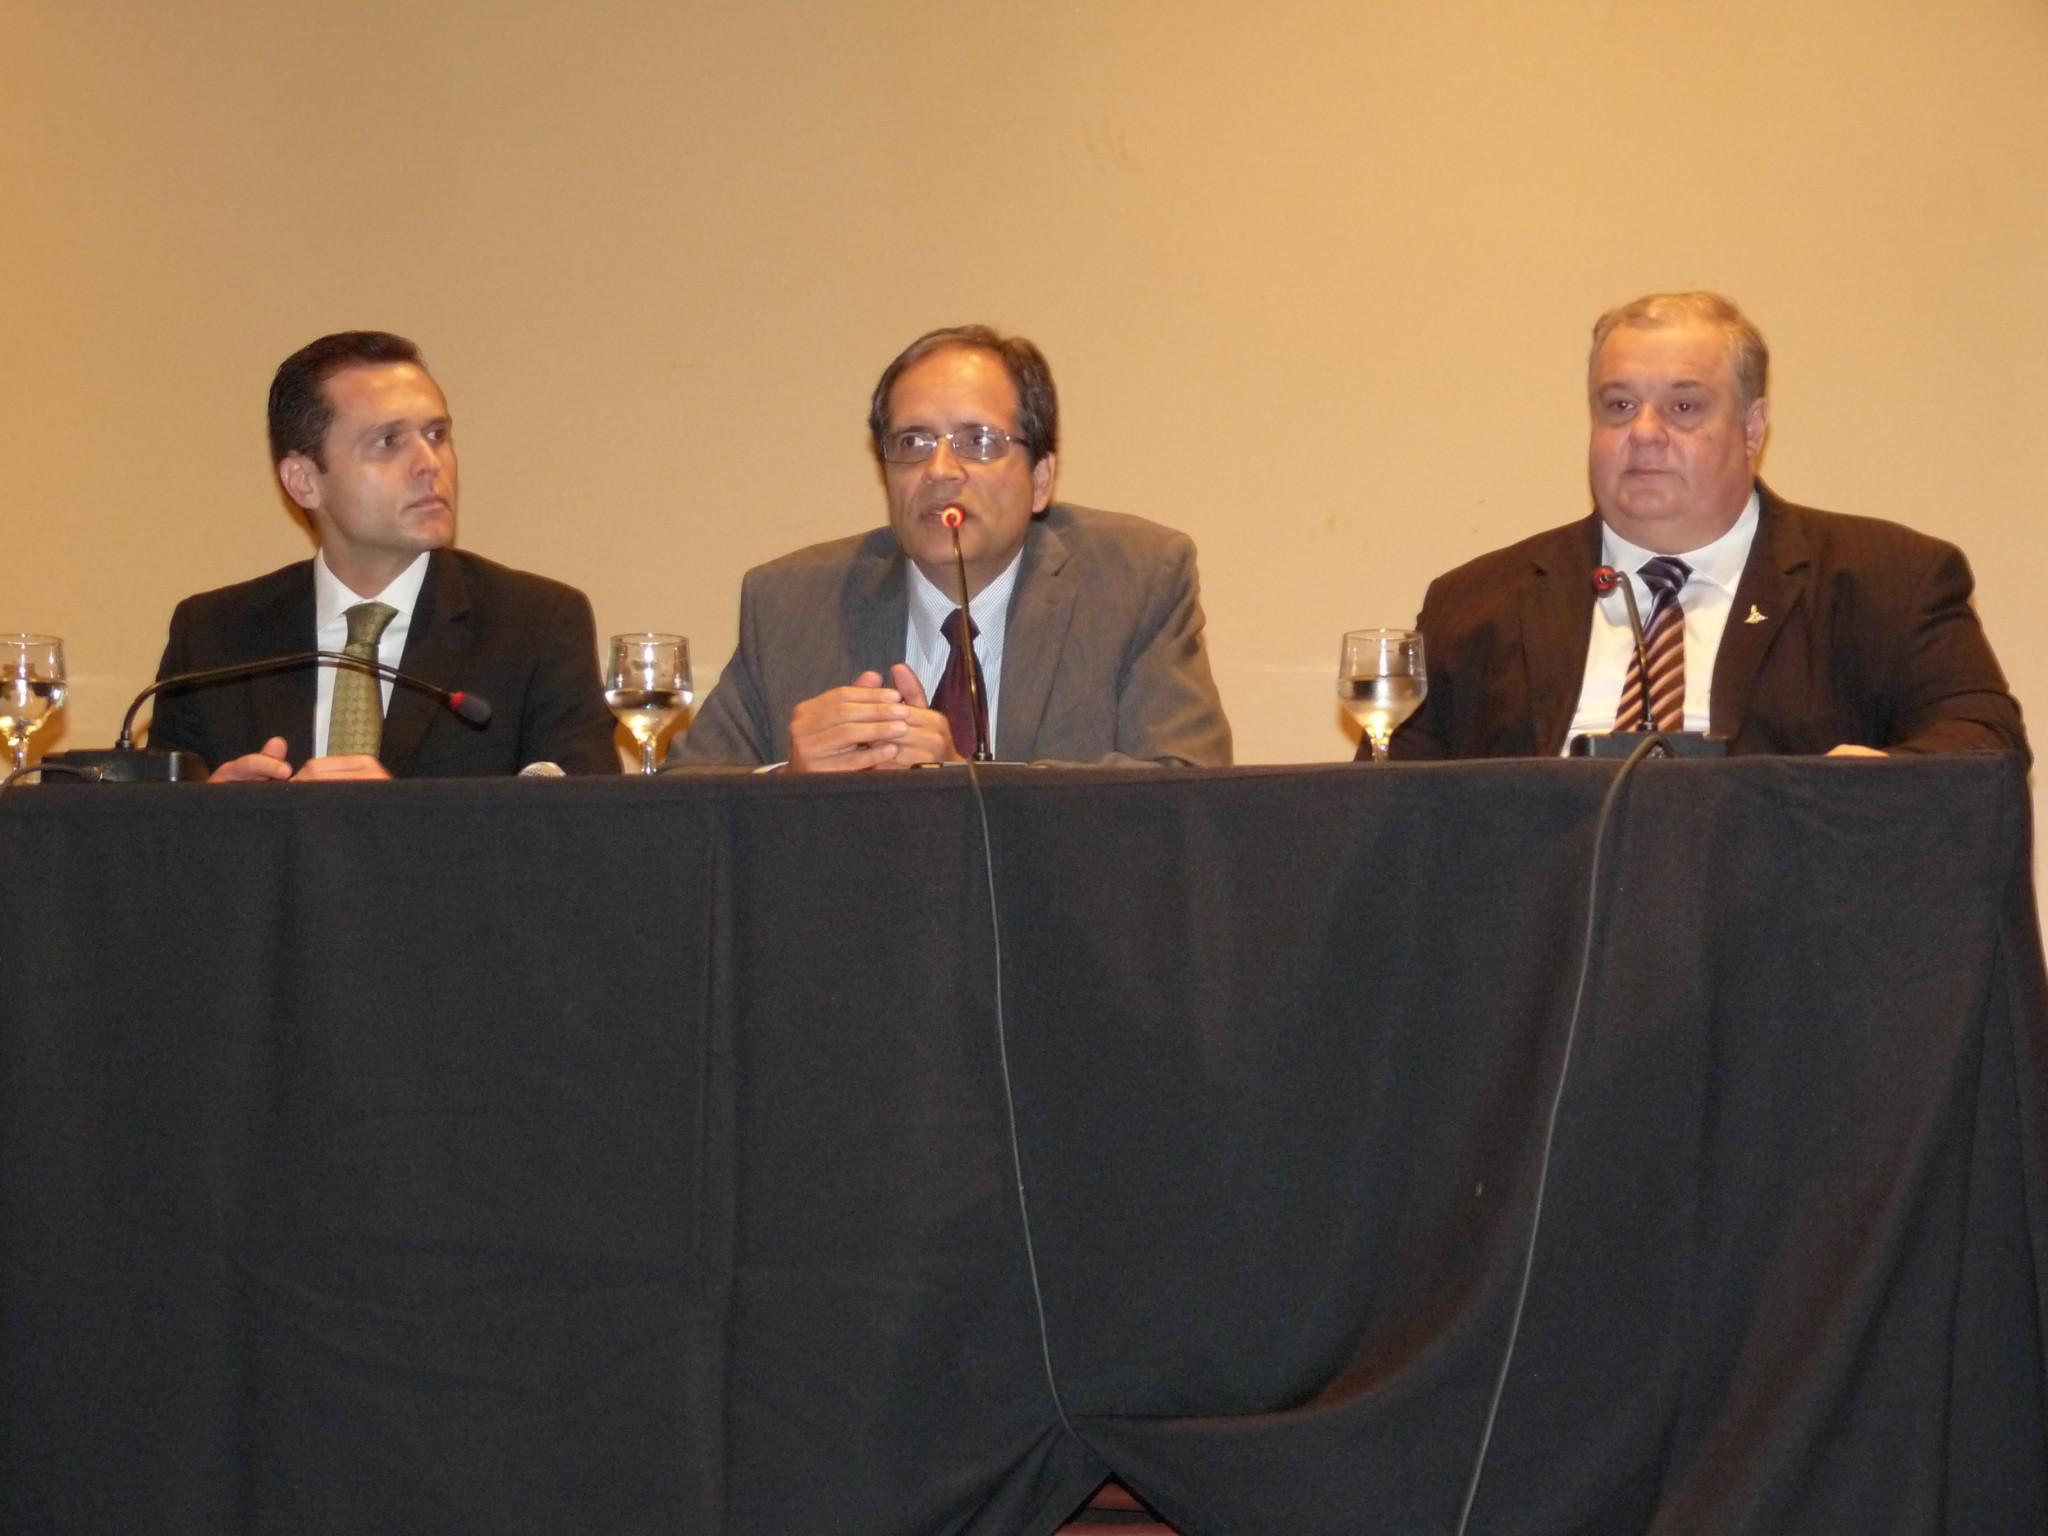 17,18-09-2012 - Agenda de Gestão Pública CONSAD - Centro de Convenções Ulysses Guimarães Brasília (22)